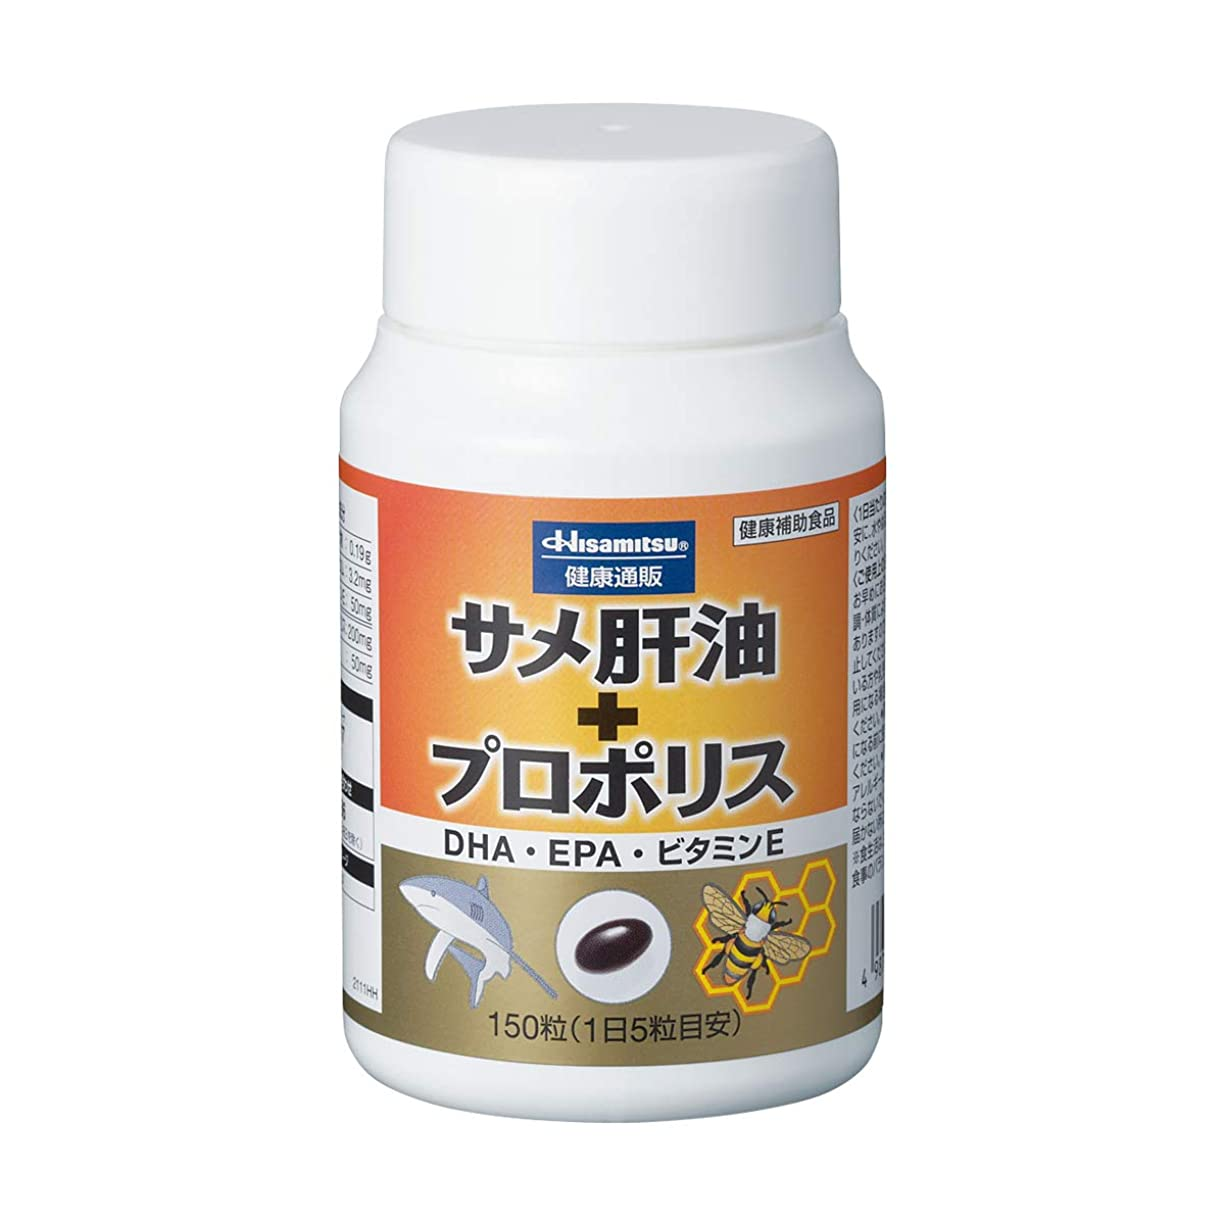 タイトに対応する体操サメ肝油 + プロポリス 150粒 DHA EPA ビタミンE 配合 久光製薬